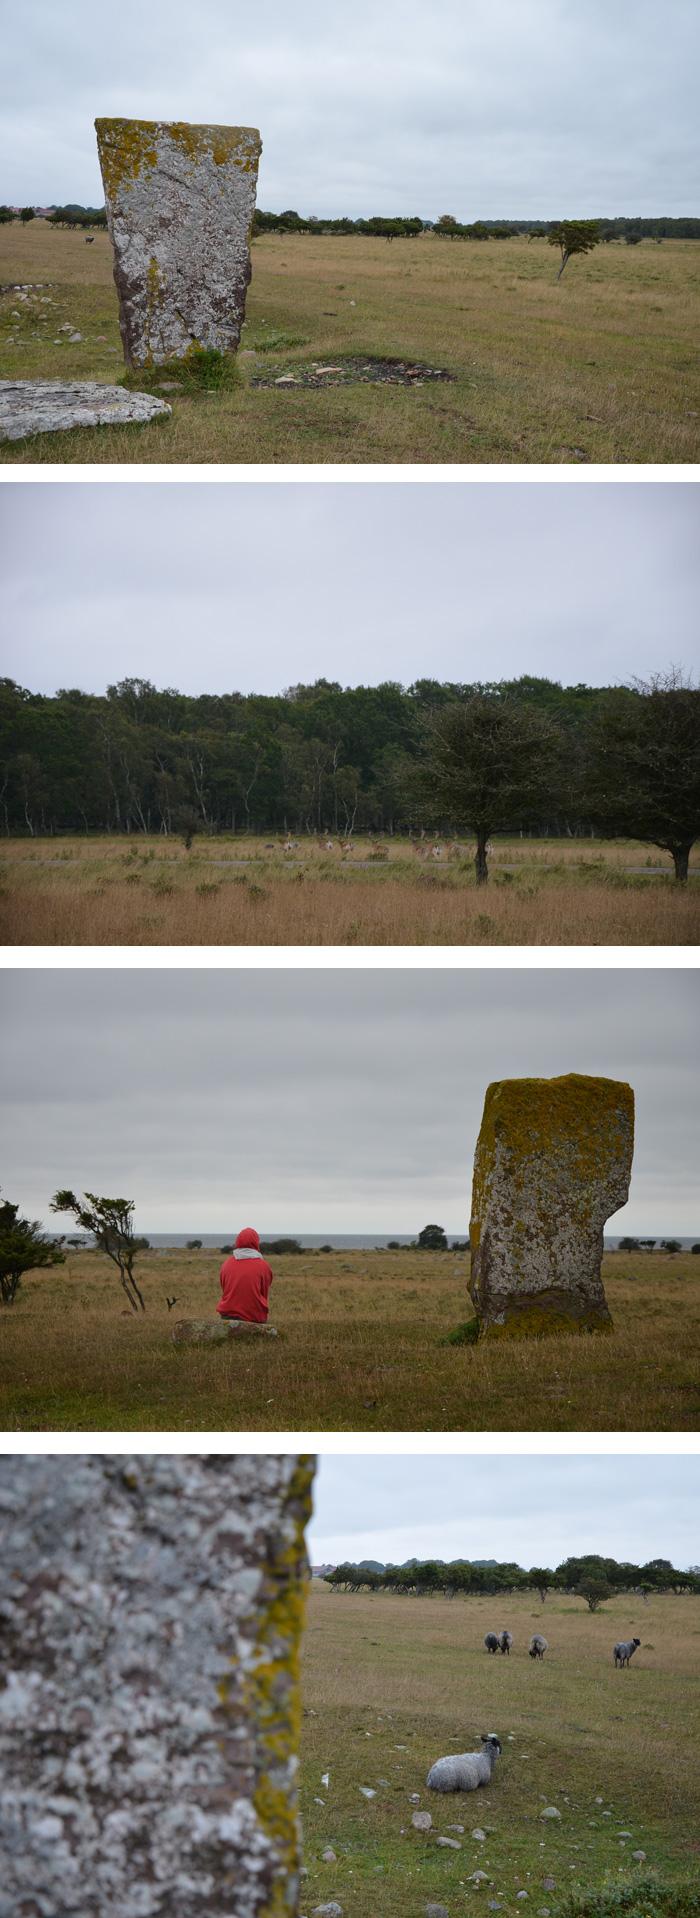 Öland - Ottenby : réserve naturelle et tombeaux